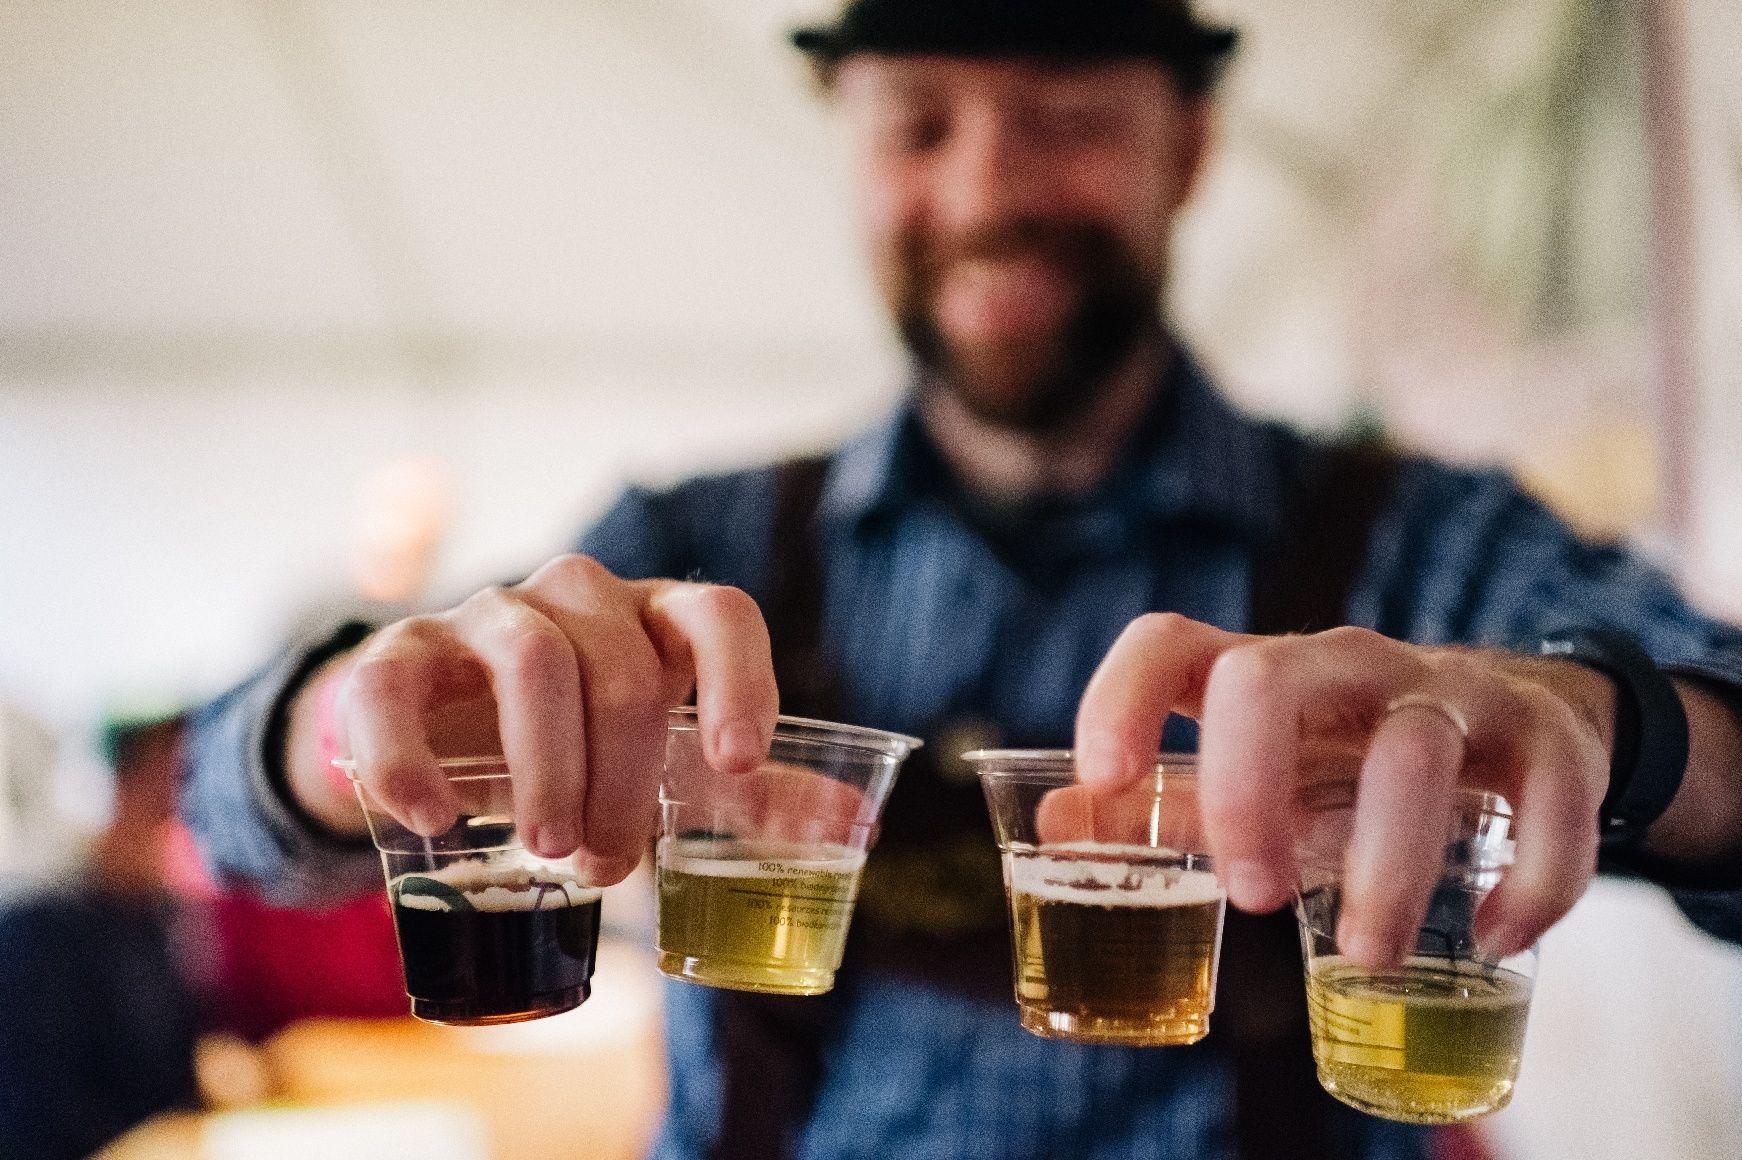 Bartender at Beau's Oktoberfest serving beer